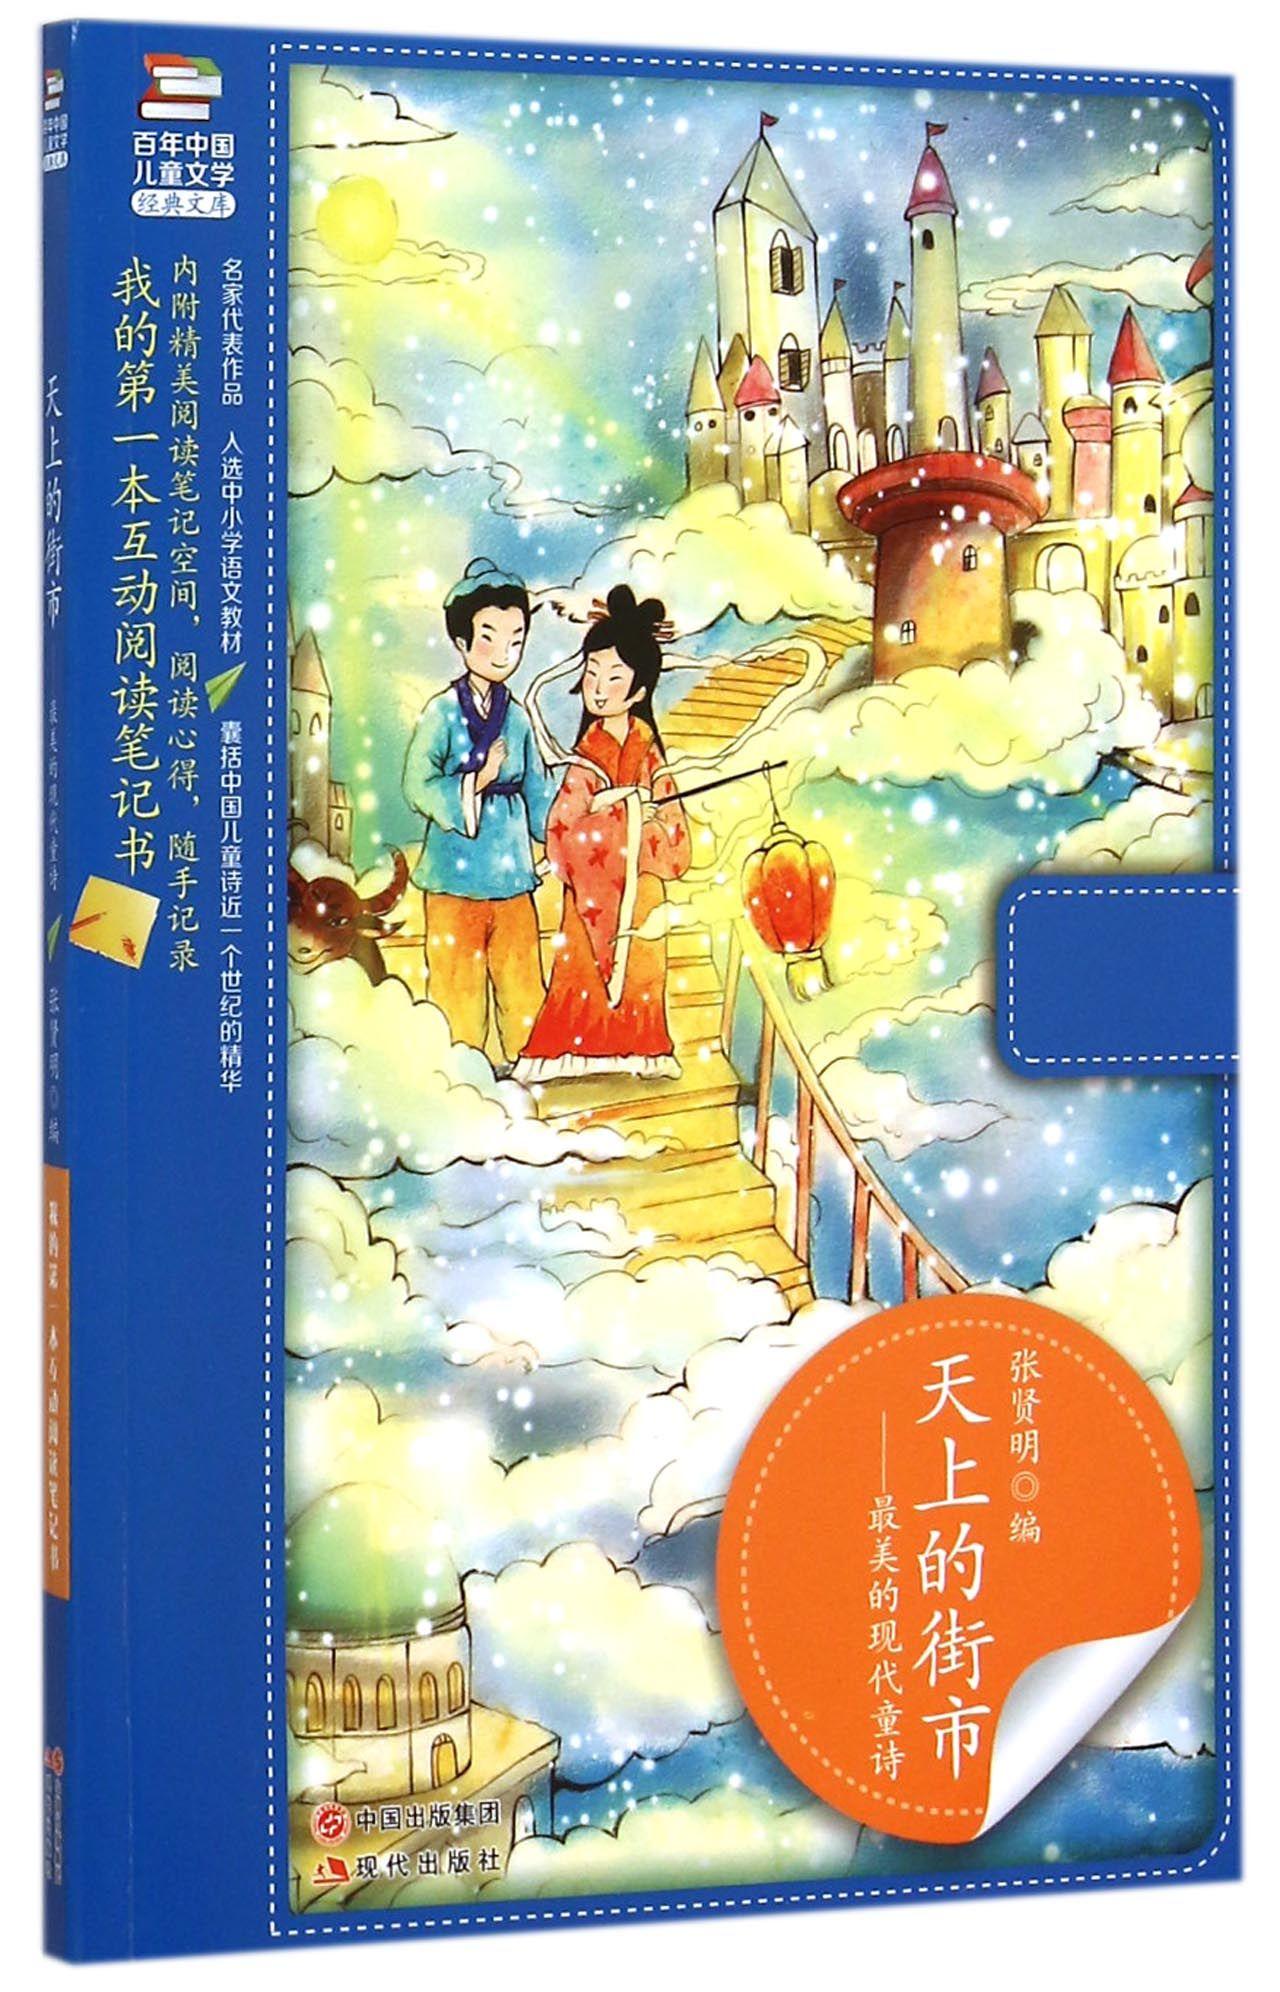 天上的街市--最美的现代童诗/百年中国儿童文学经典